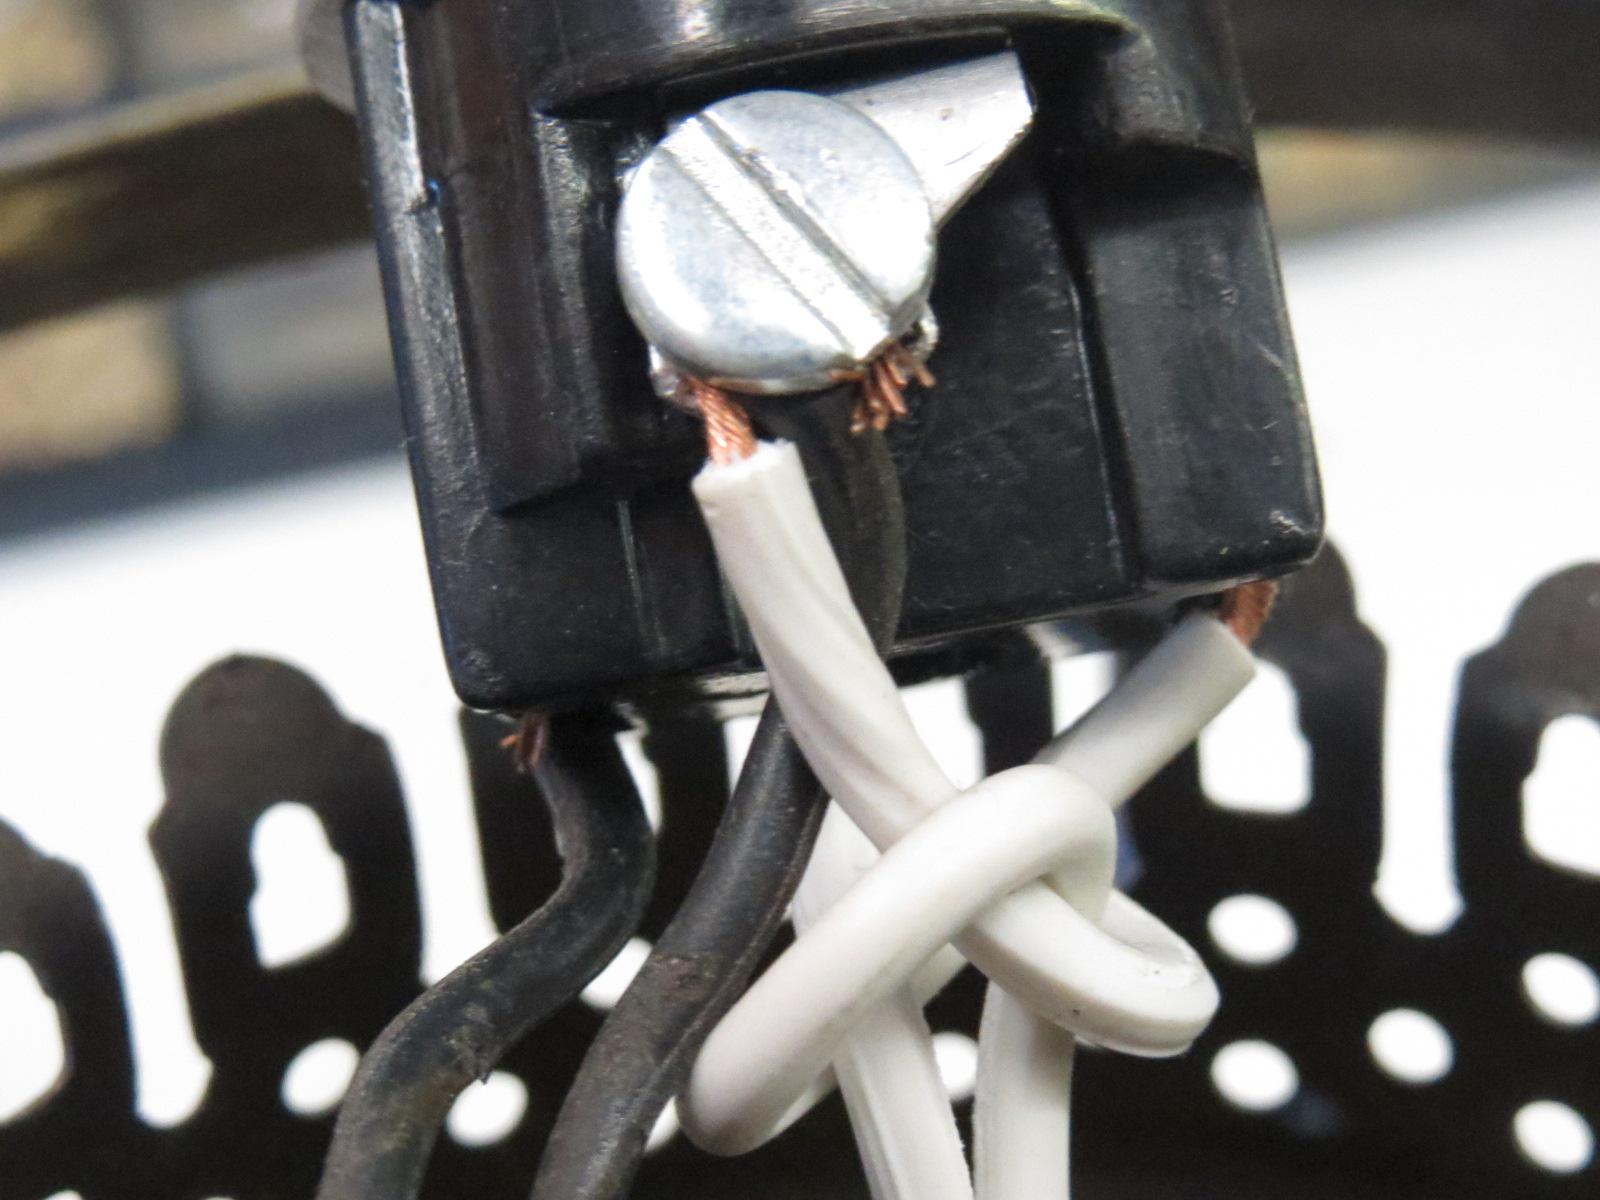 Lamp Parts and Repair | Lamp Doctor: June 2017